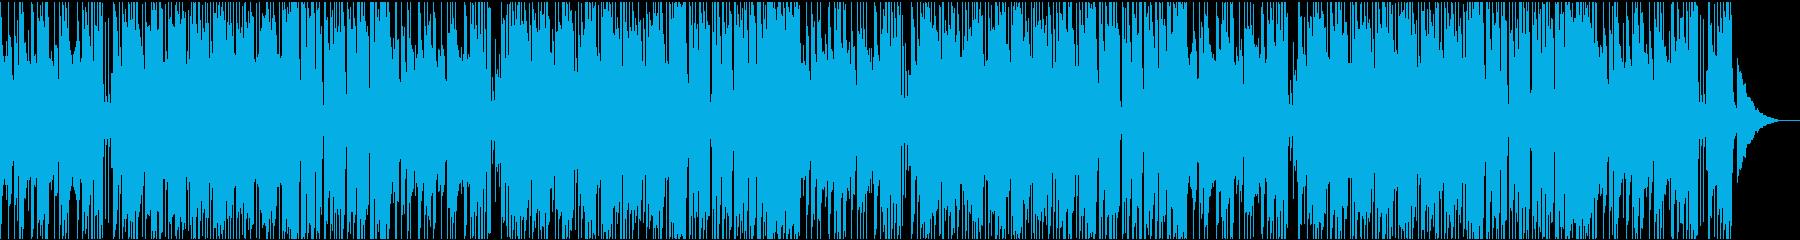 9秒でサビ、さわやか/カラオケの再生済みの波形